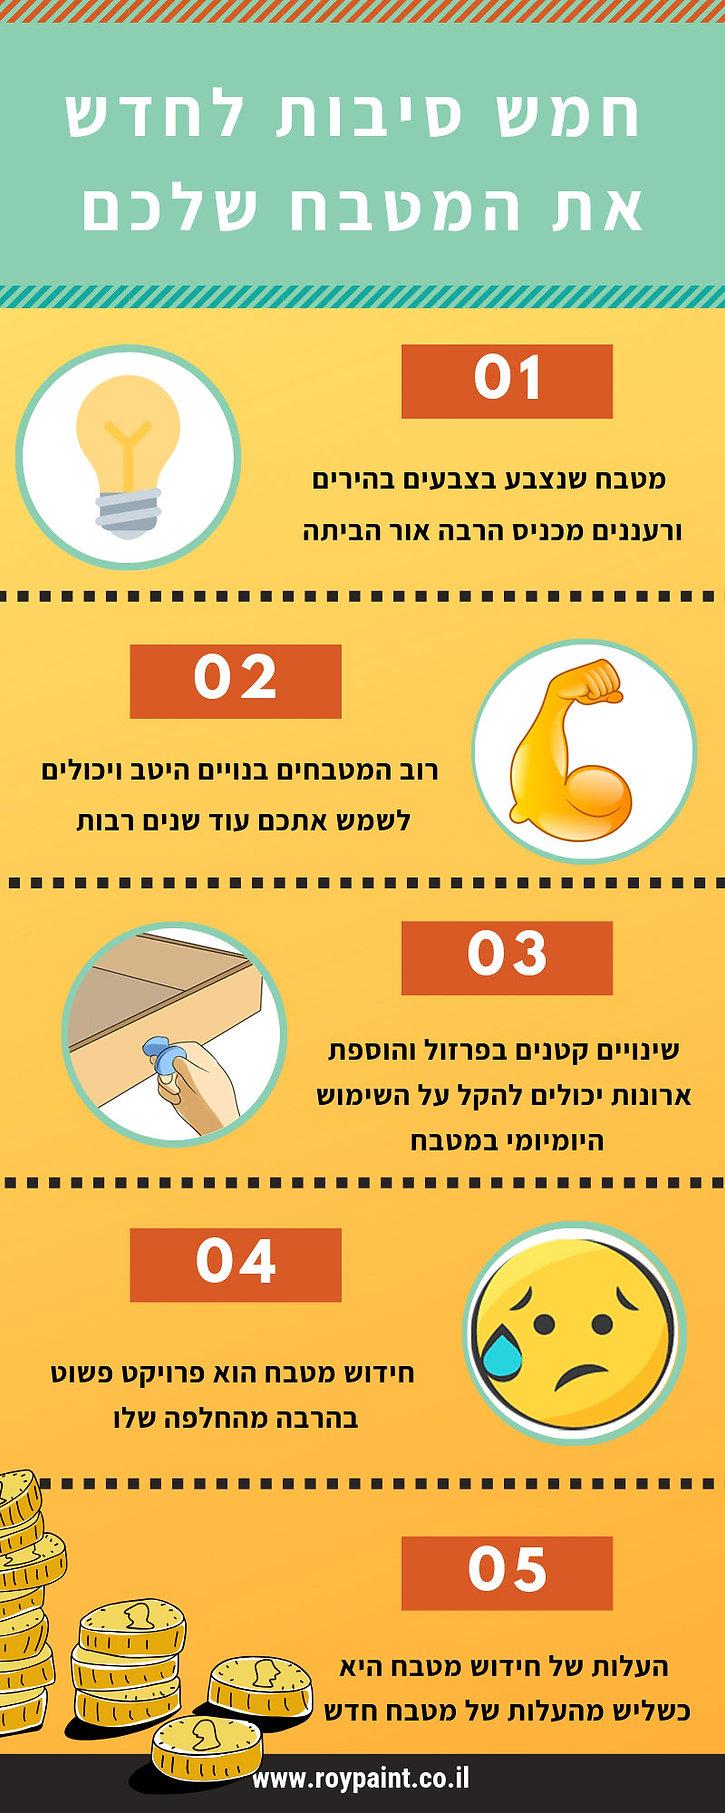 חמש סיבות לחדש את המטבח - מעצבע.jpg